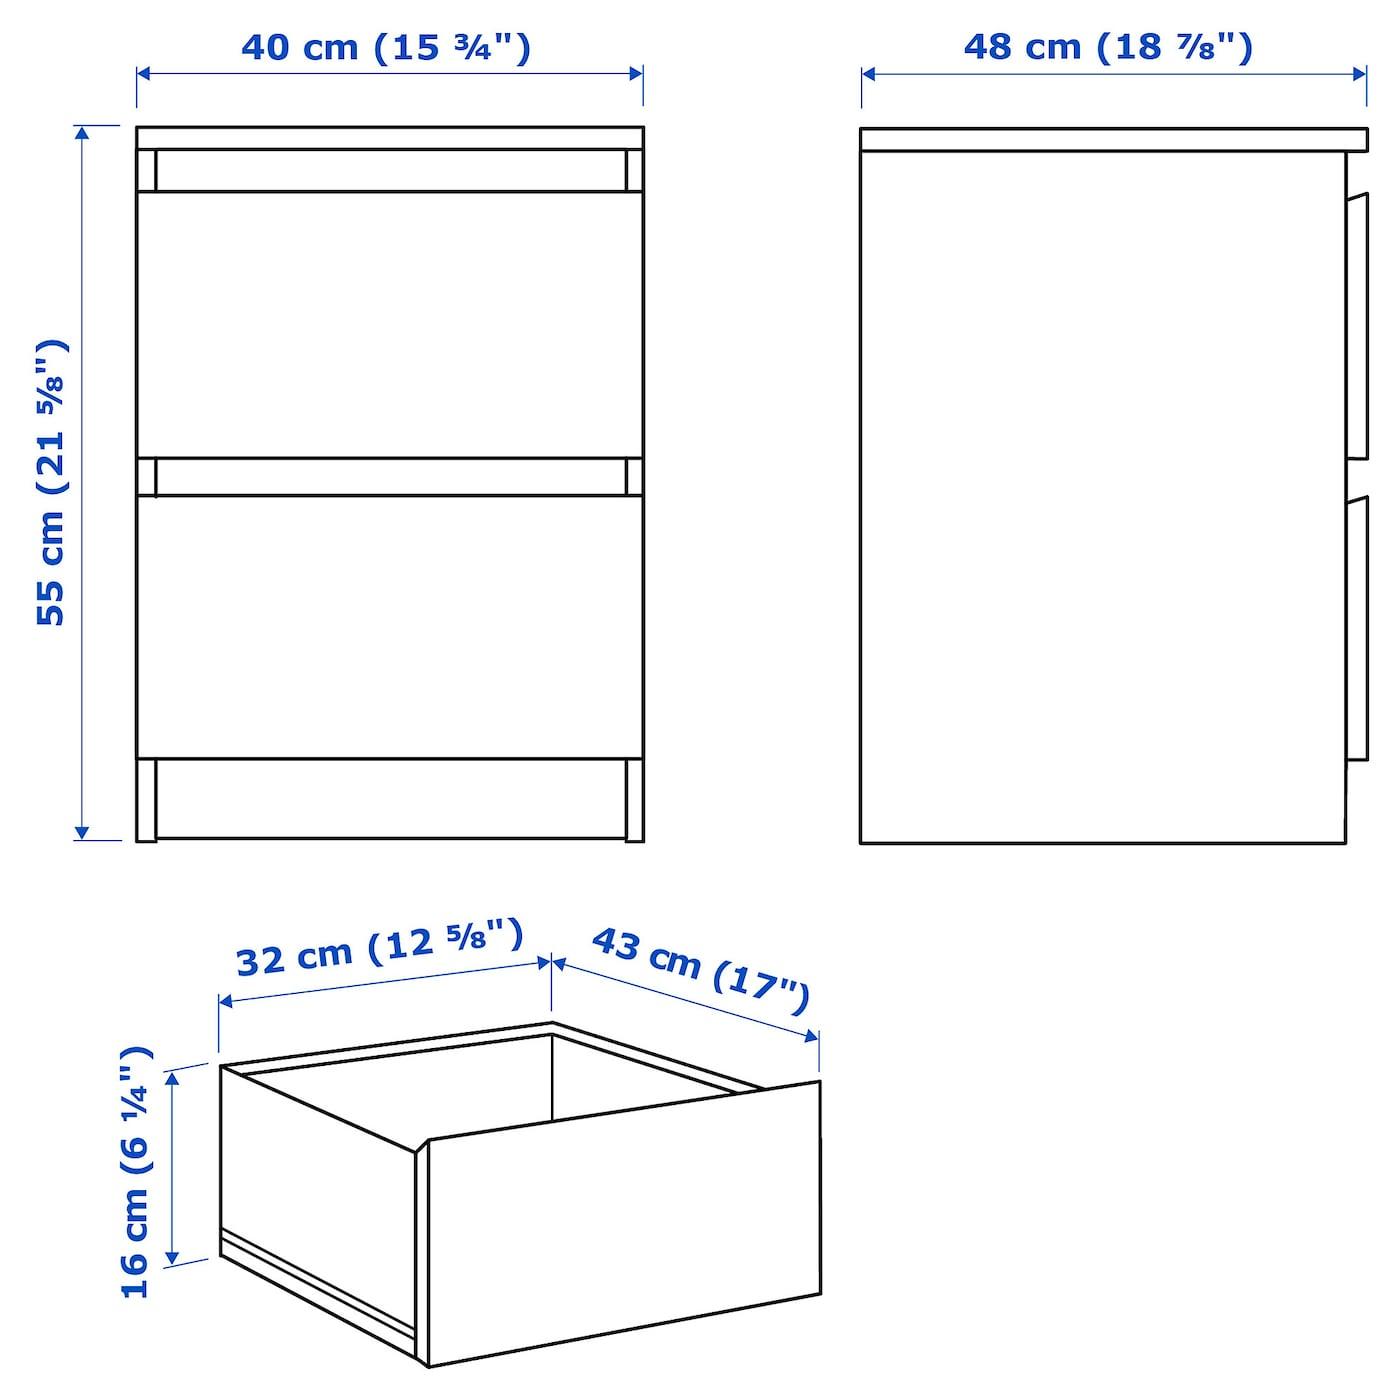 MALM МАЛЬМ Комод із 2 шухлядами - білий 40x55 см